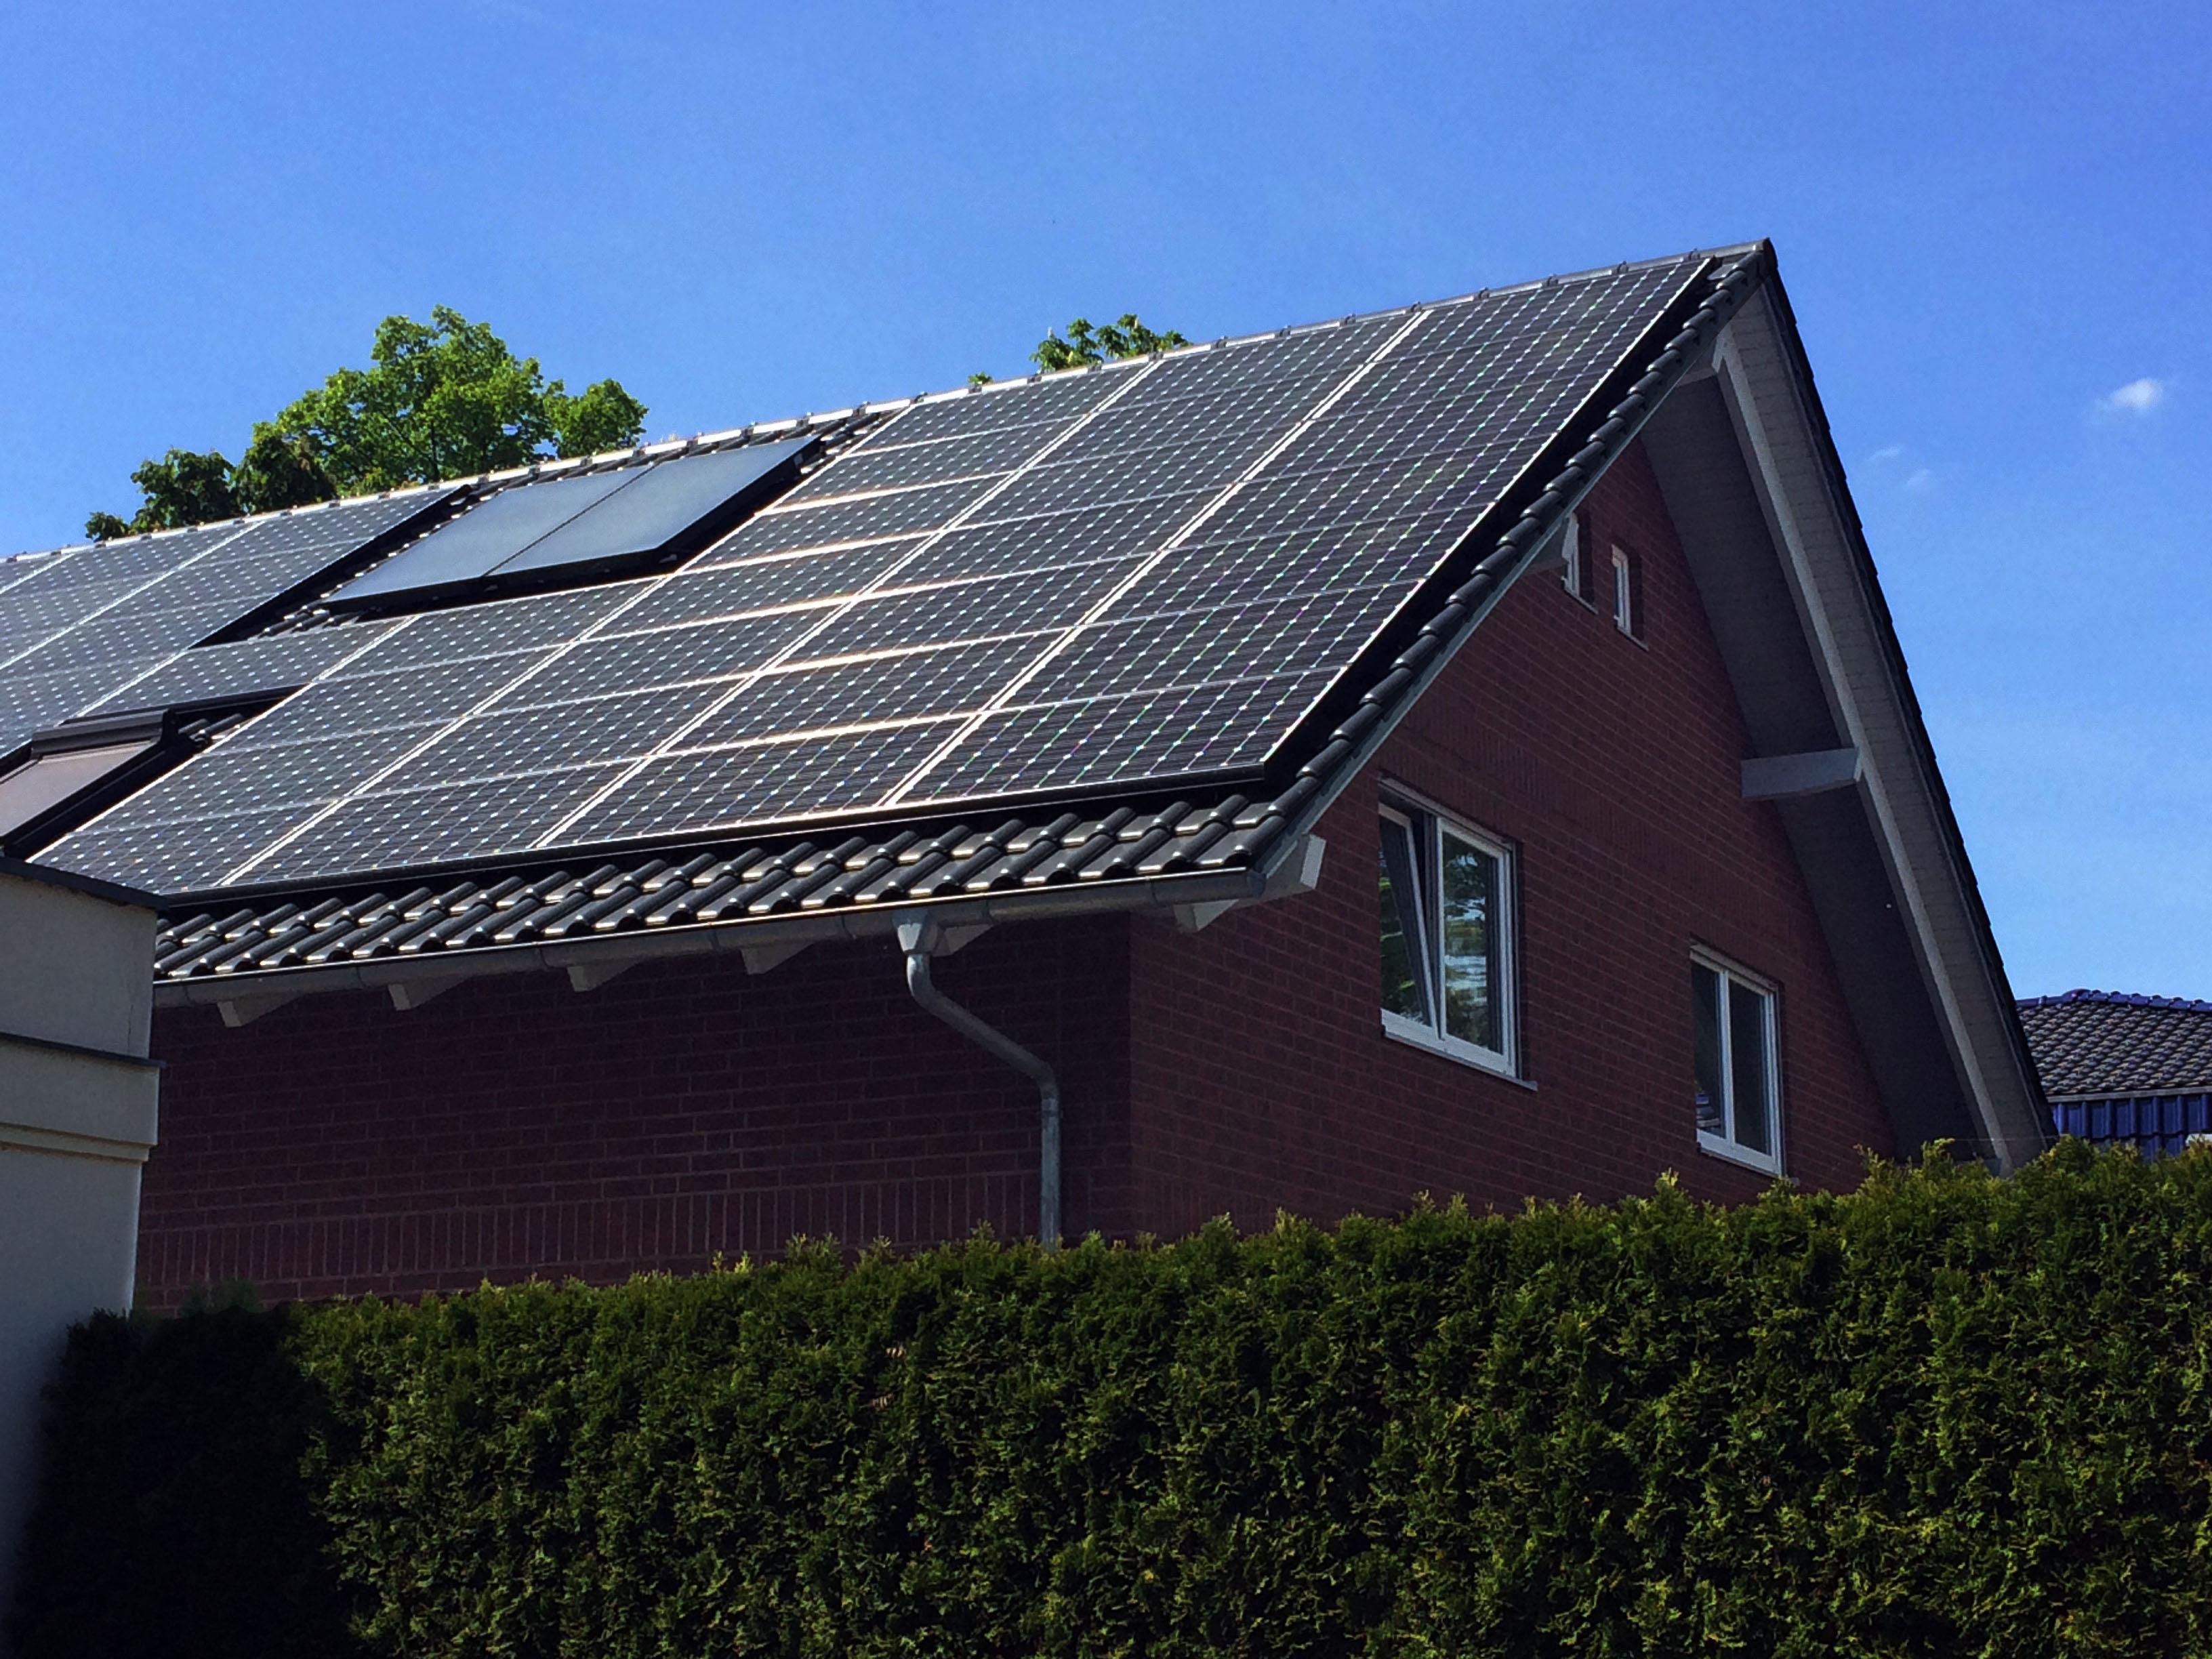 1A Solarwatt Photovoltaikanlage 2016